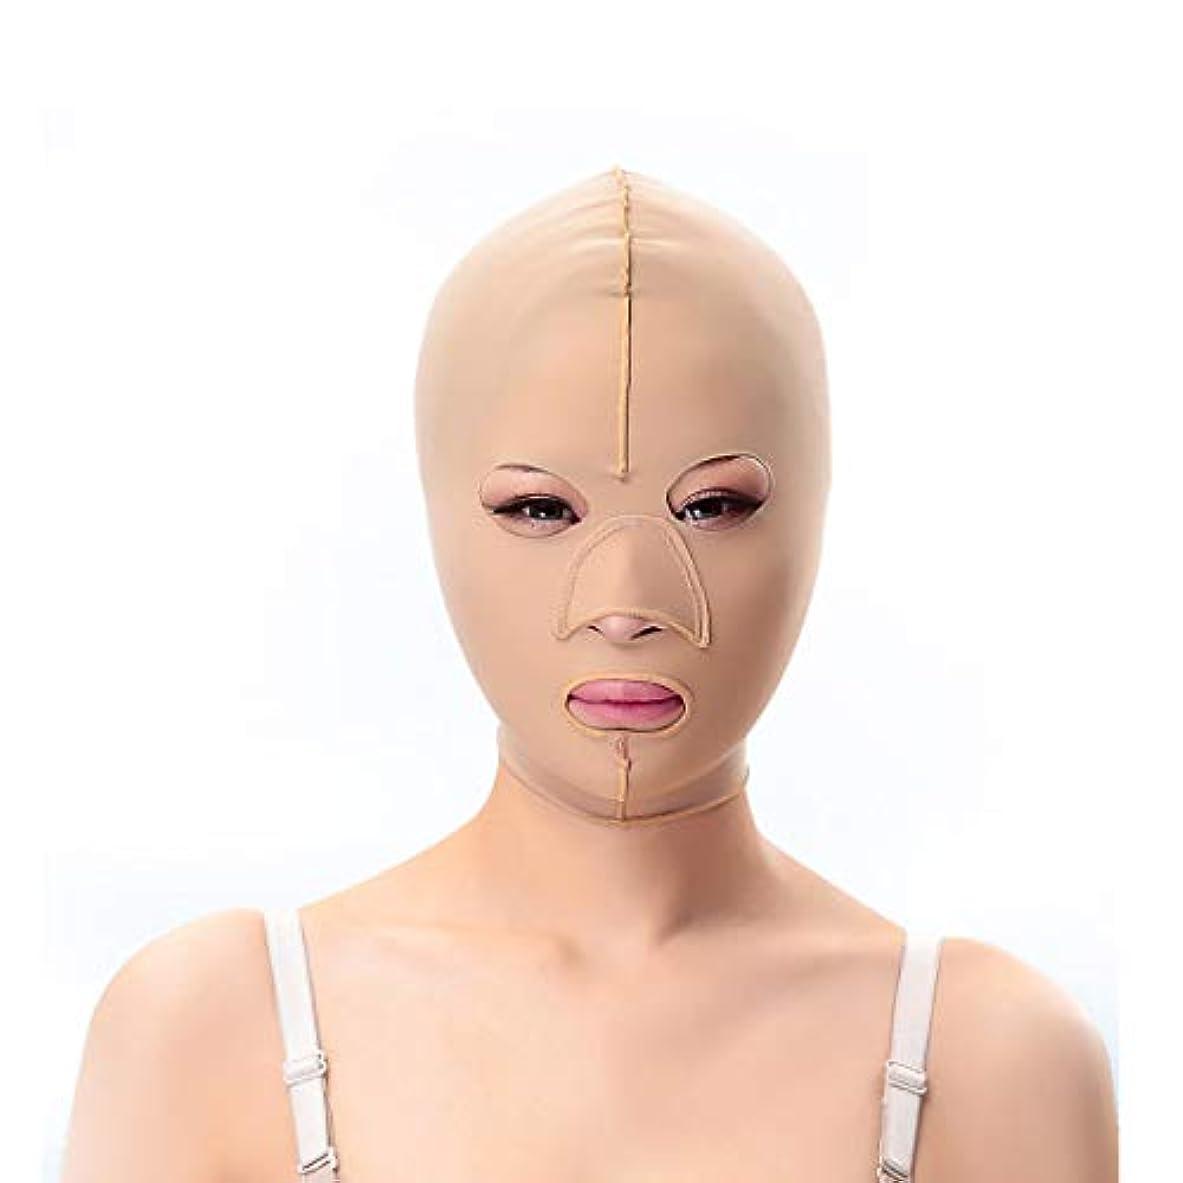 人口免除雲TLMY 減量ベルトマスクフェイスマスク神聖なパターンリフト二重あご引き締め顔面プラスチック顔面アーティファクト強力な顔面包帯 顔用整形マスク (Size : S)